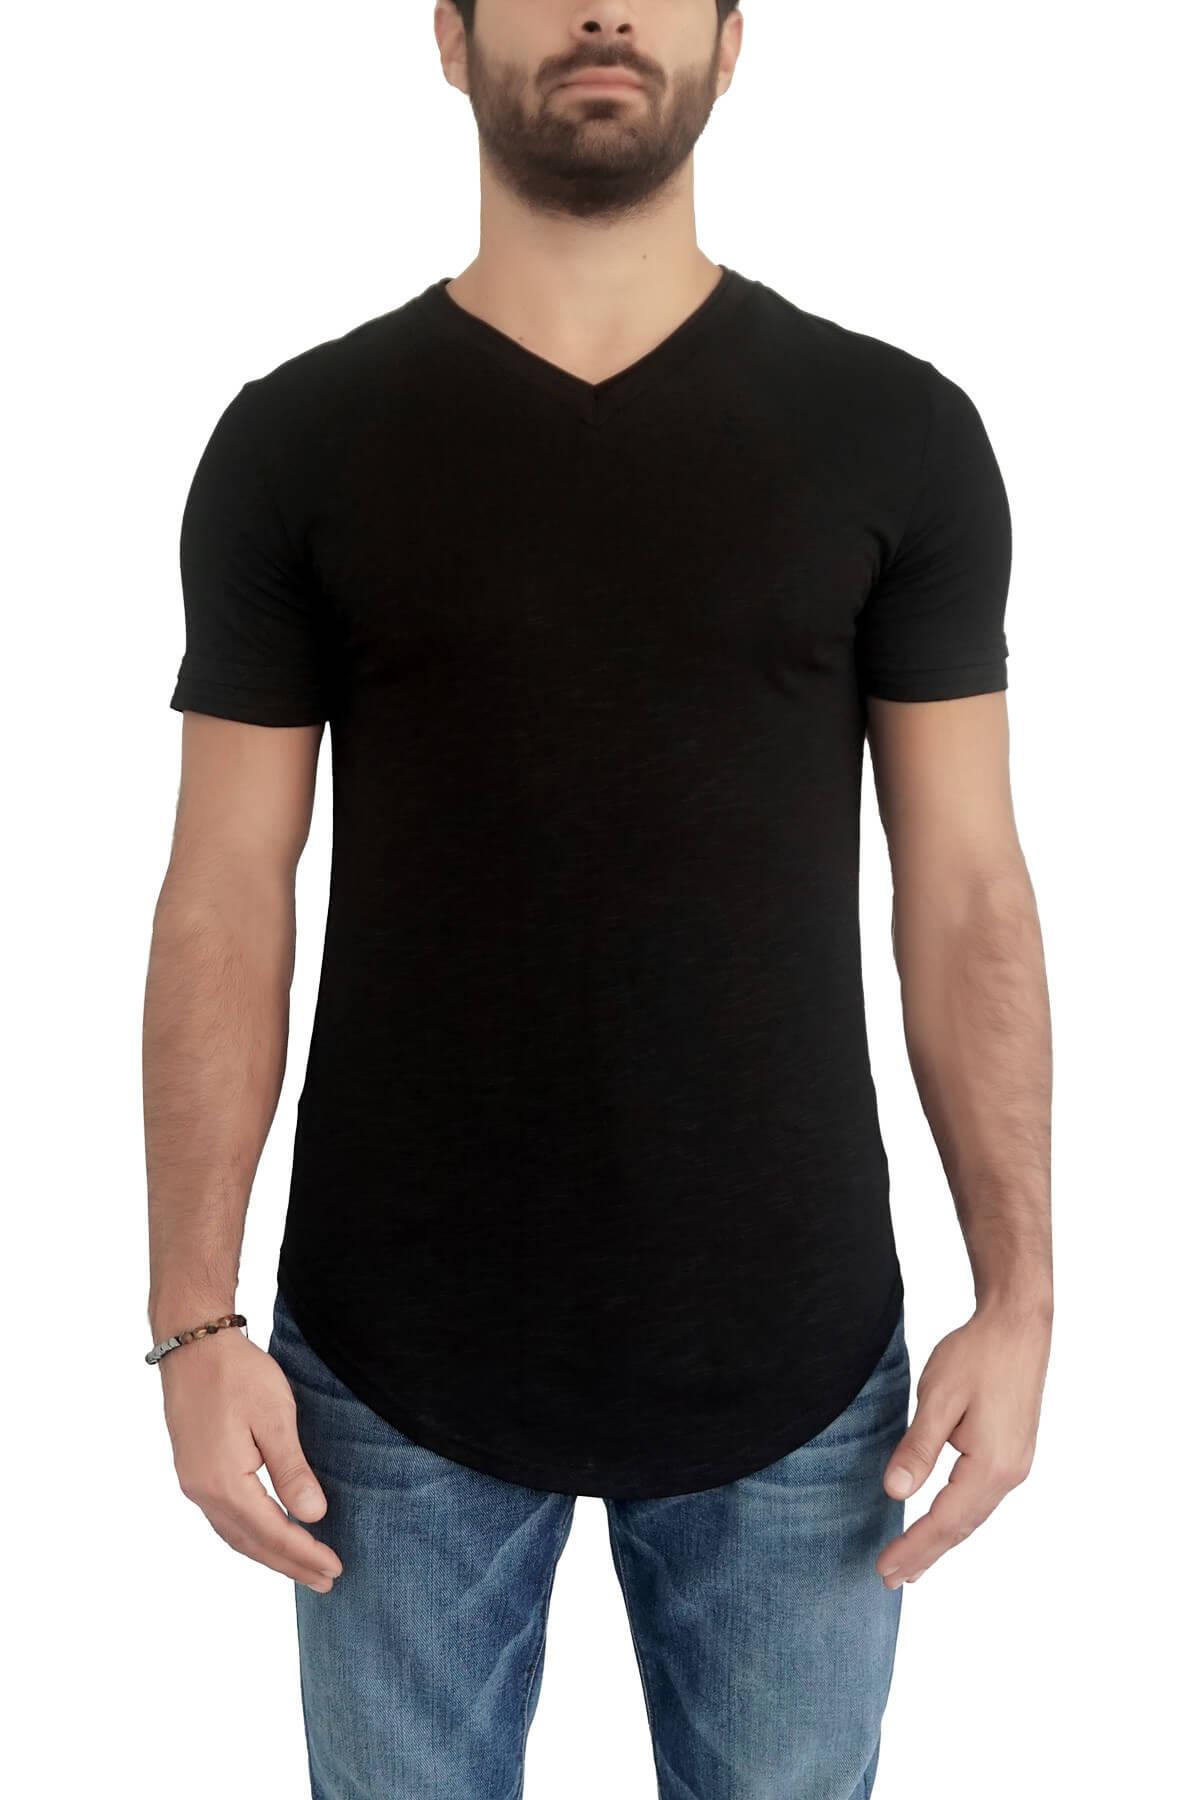 MOF Erkek Siyah T-Shirt ÇVYÇKT-S 1